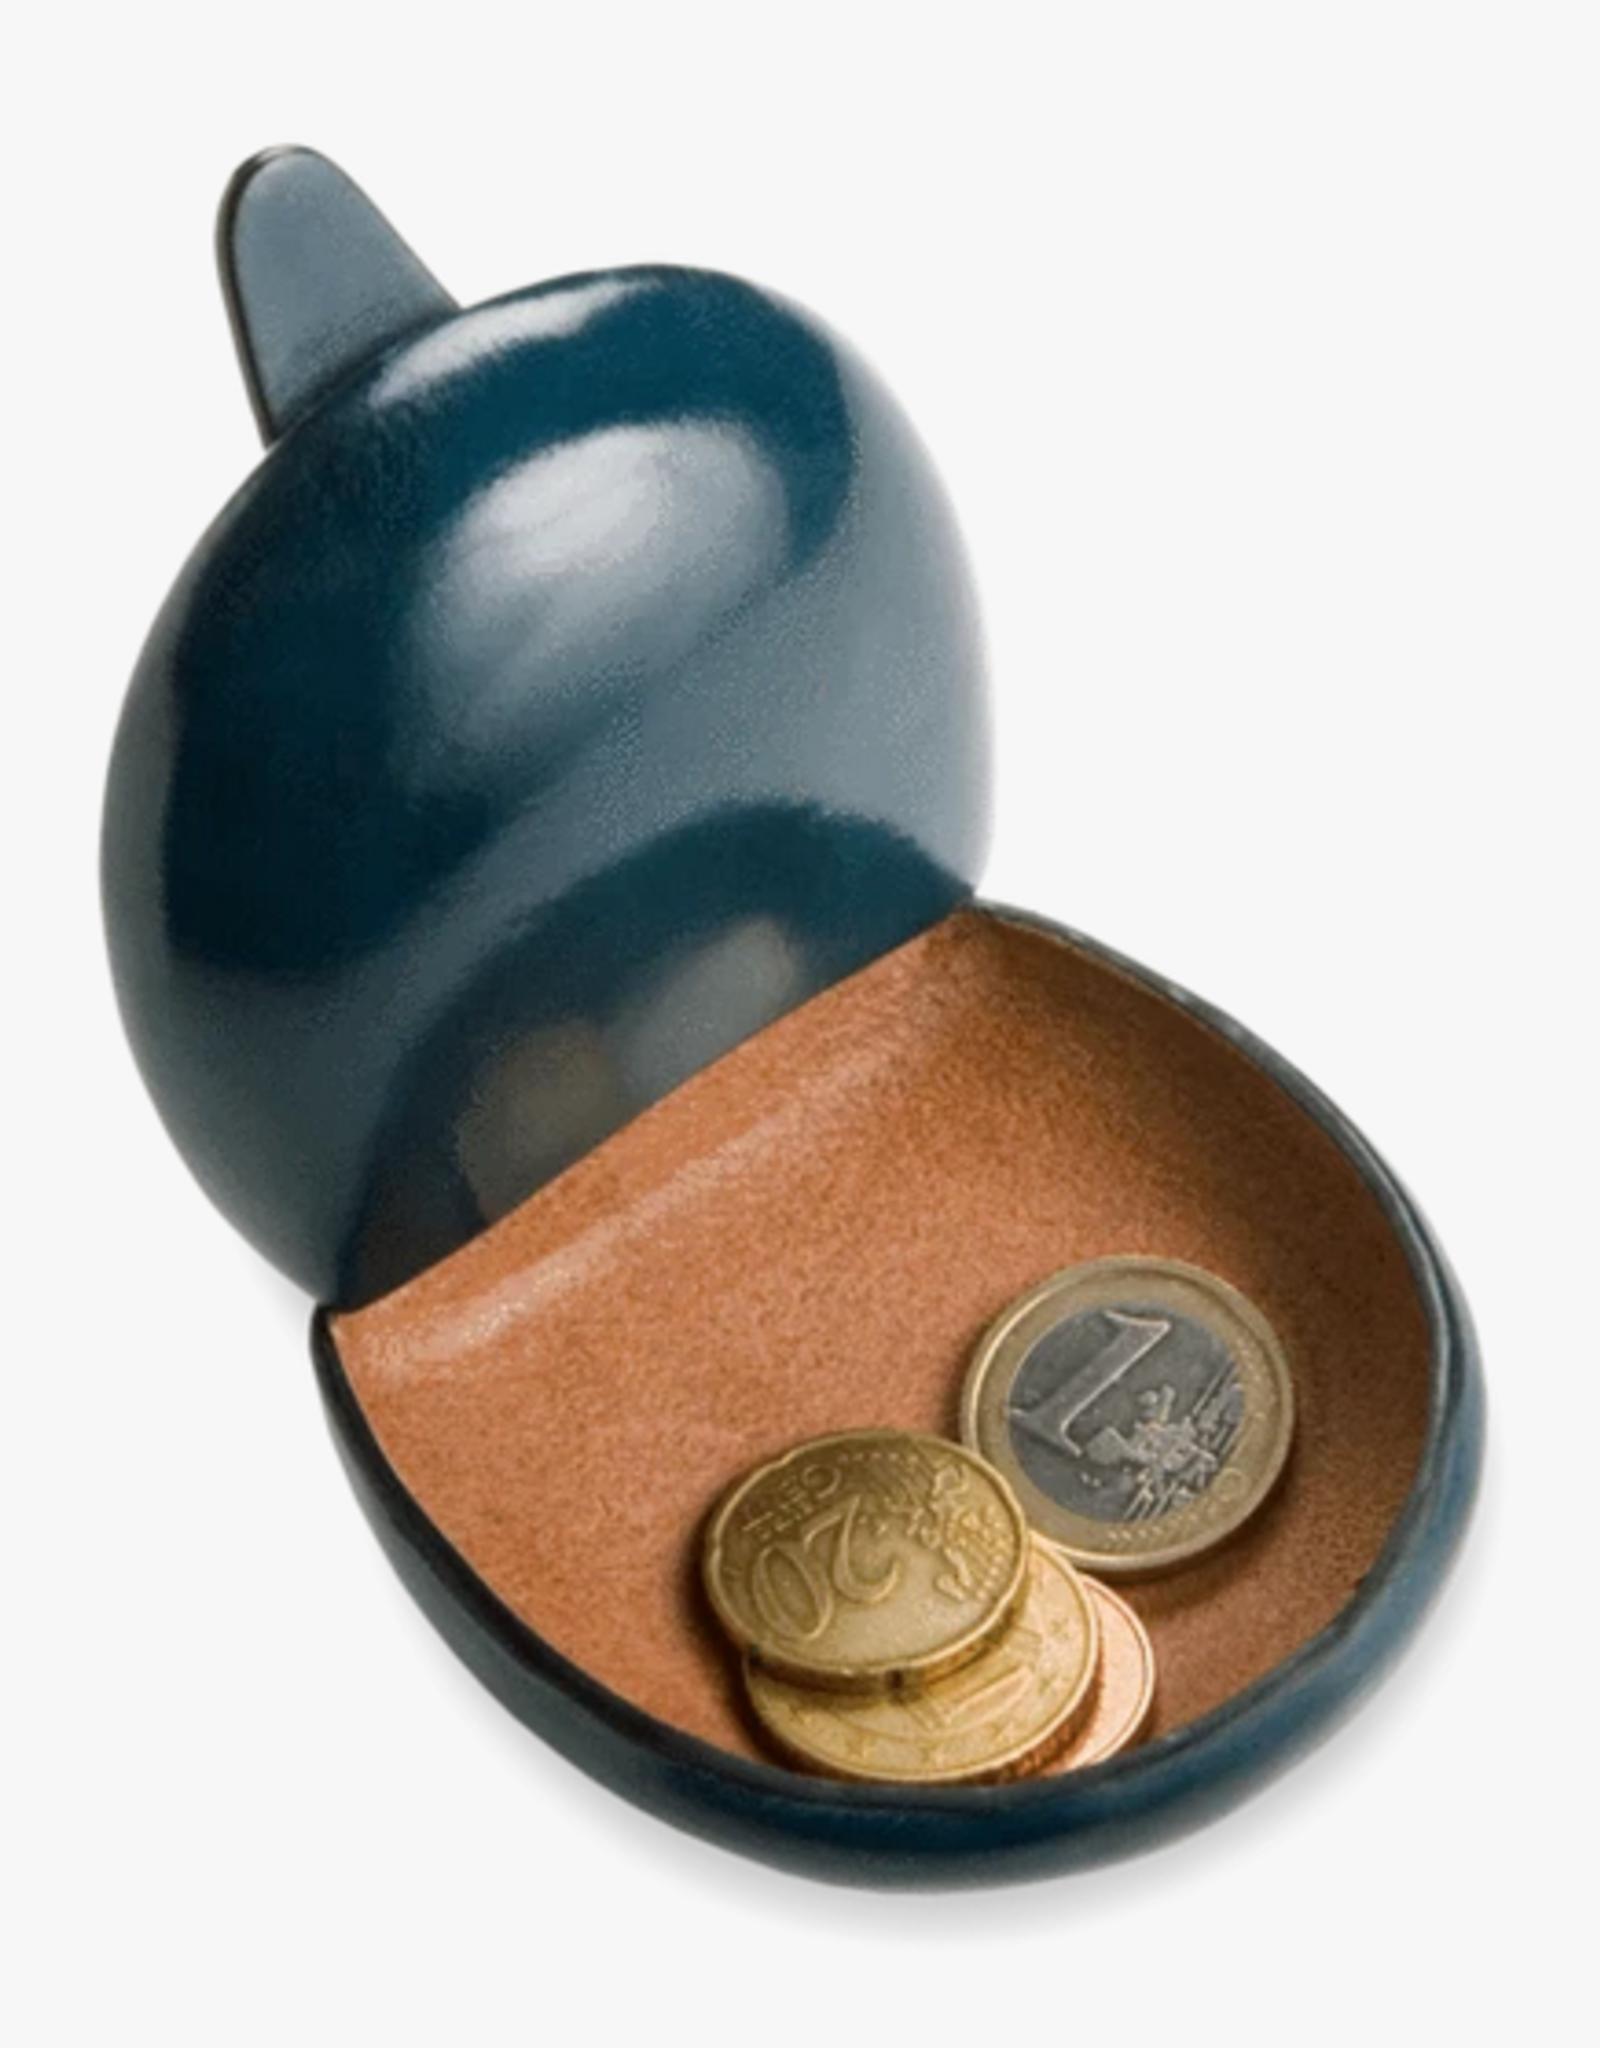 Il Bussetto Il Bussetto Big Tacco Coin case